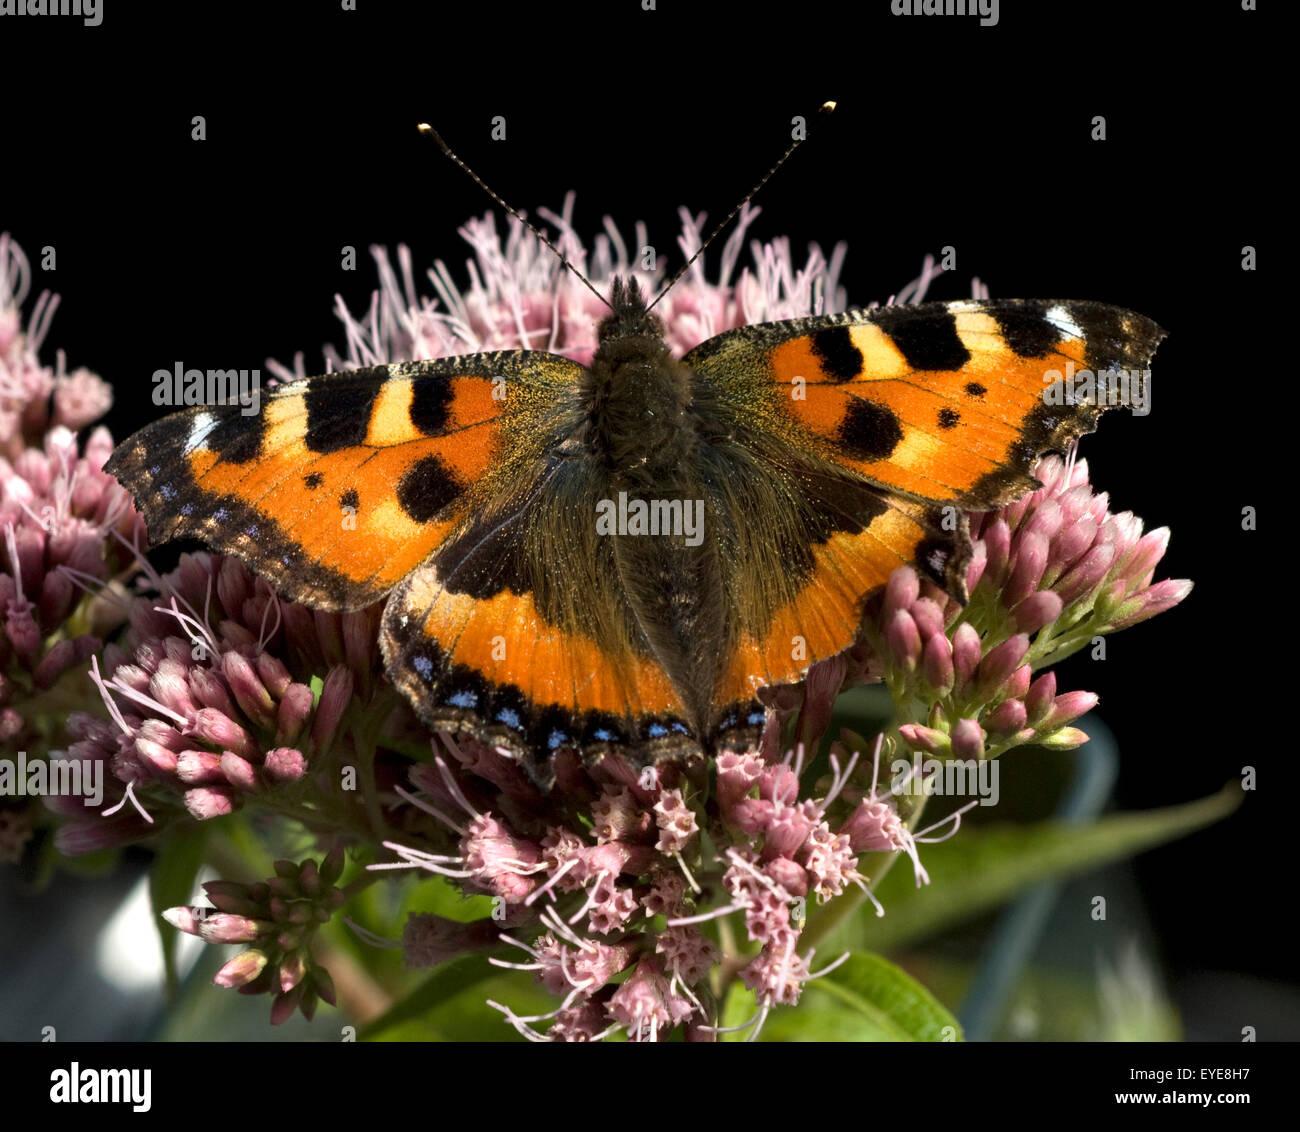 Kleiner Fuchs, Aglais urticae, Wasserdost, Stock Photo